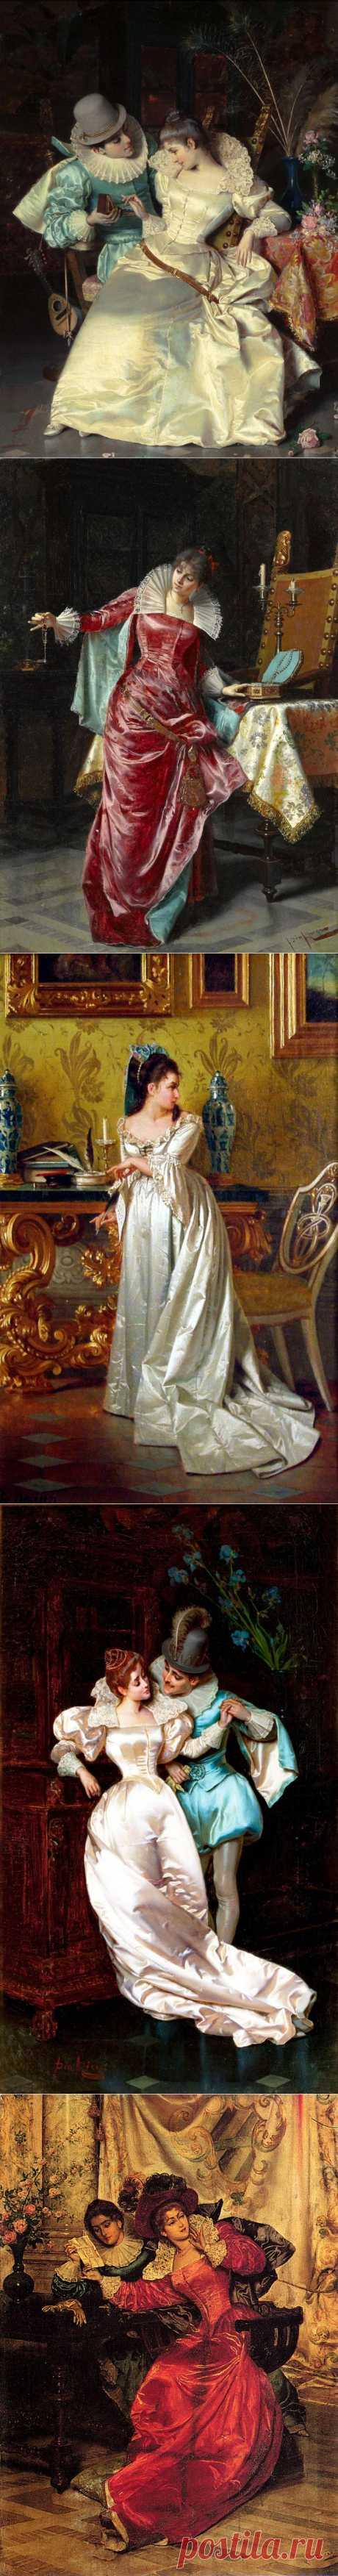 Итальянский художник Pio Ricci (1850-1919)